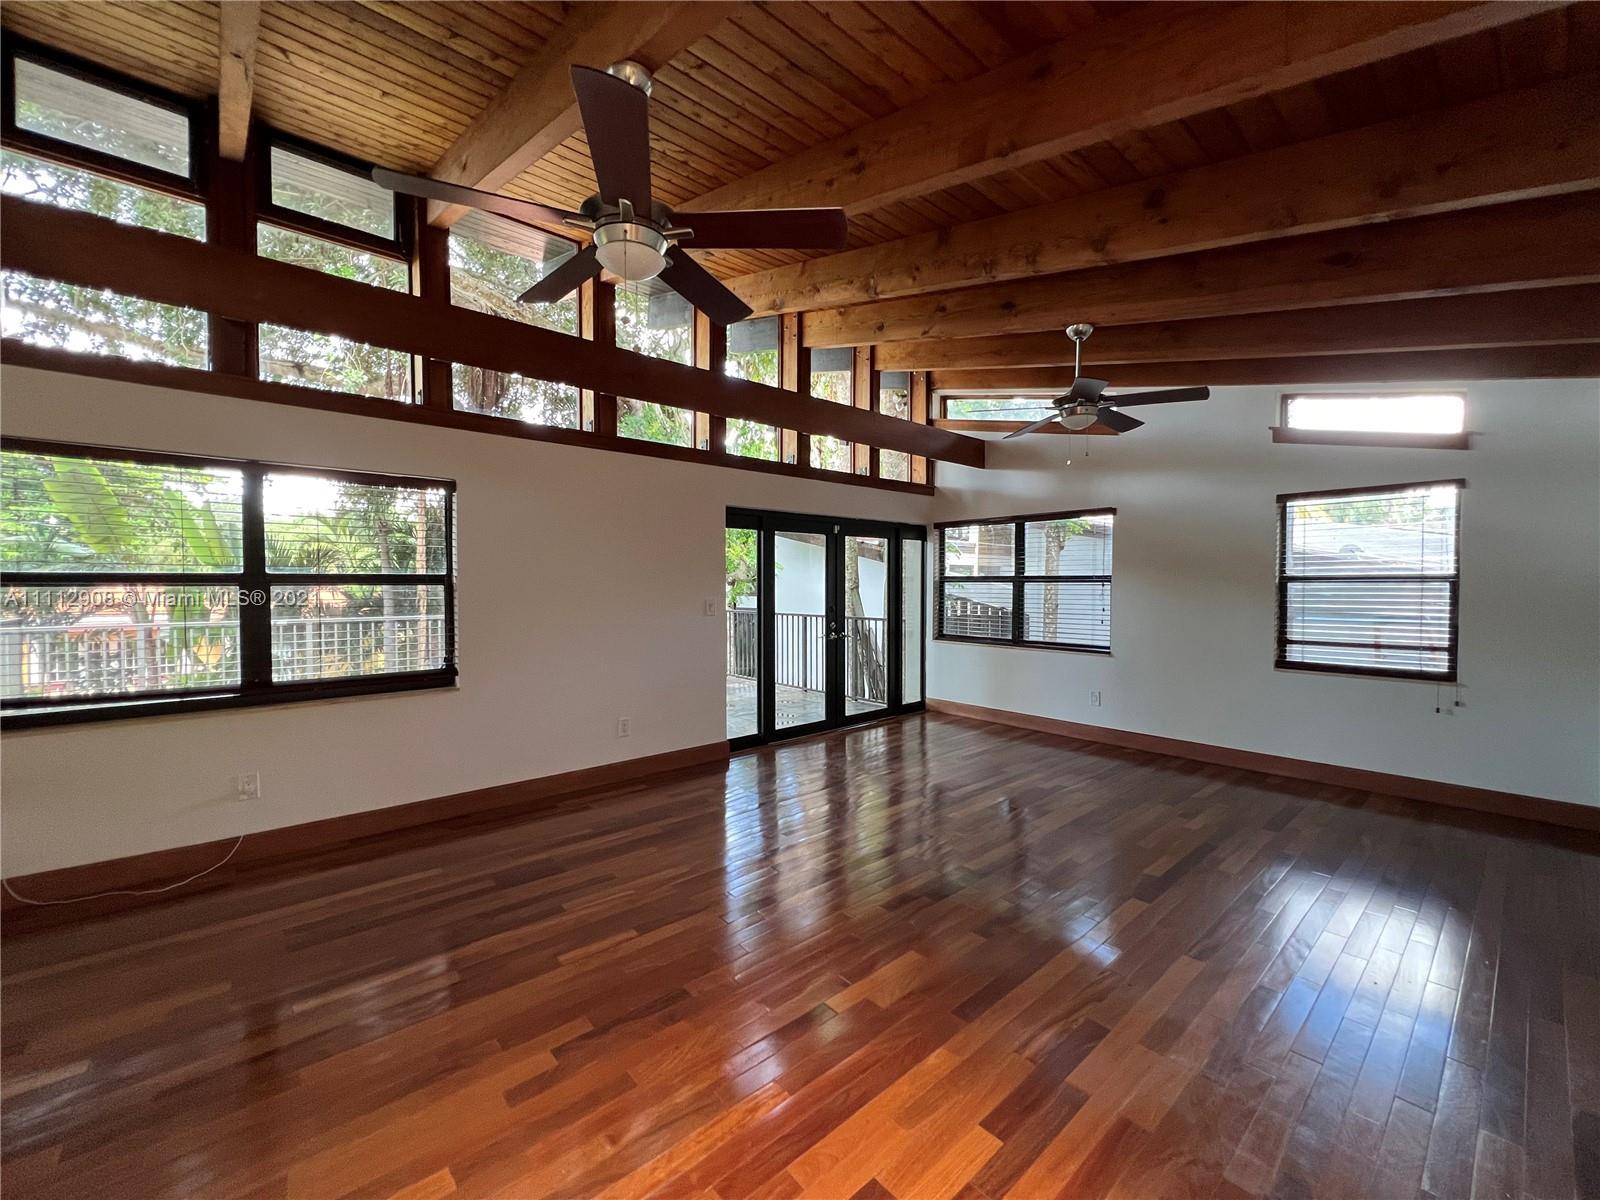 Single Family Home,For Rent,4145 Pamona Ave, Miami, Florida 33133,Brickell,realty,broker,condos near me